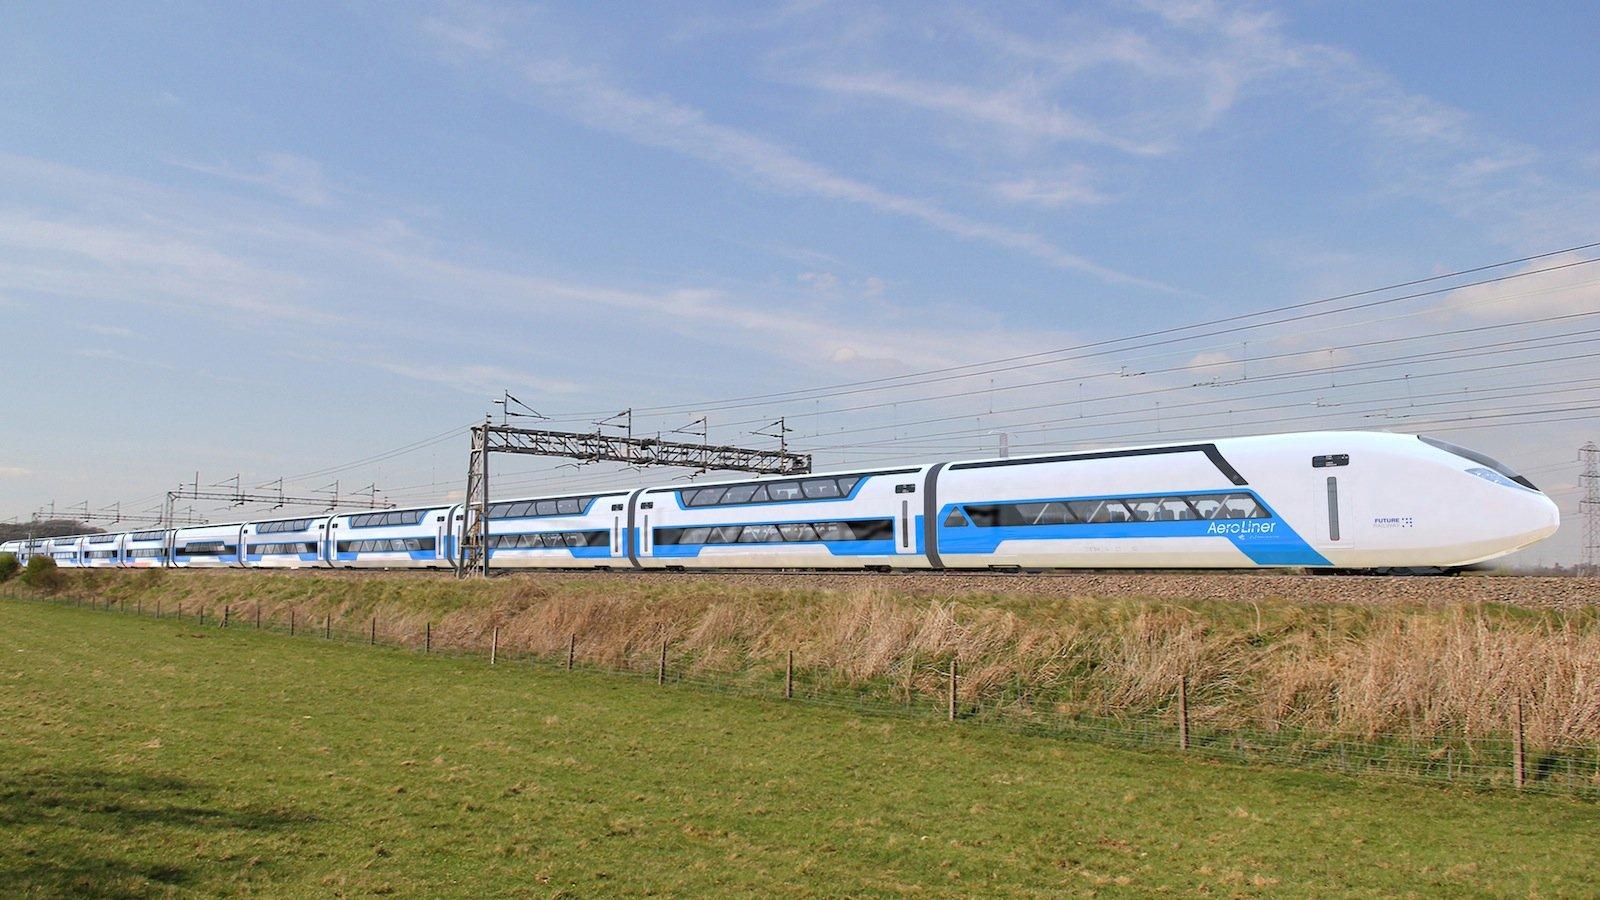 Das Konzept von DLR und Andreas Vogler Studio überzeugte die Jury des Wettbewerbs